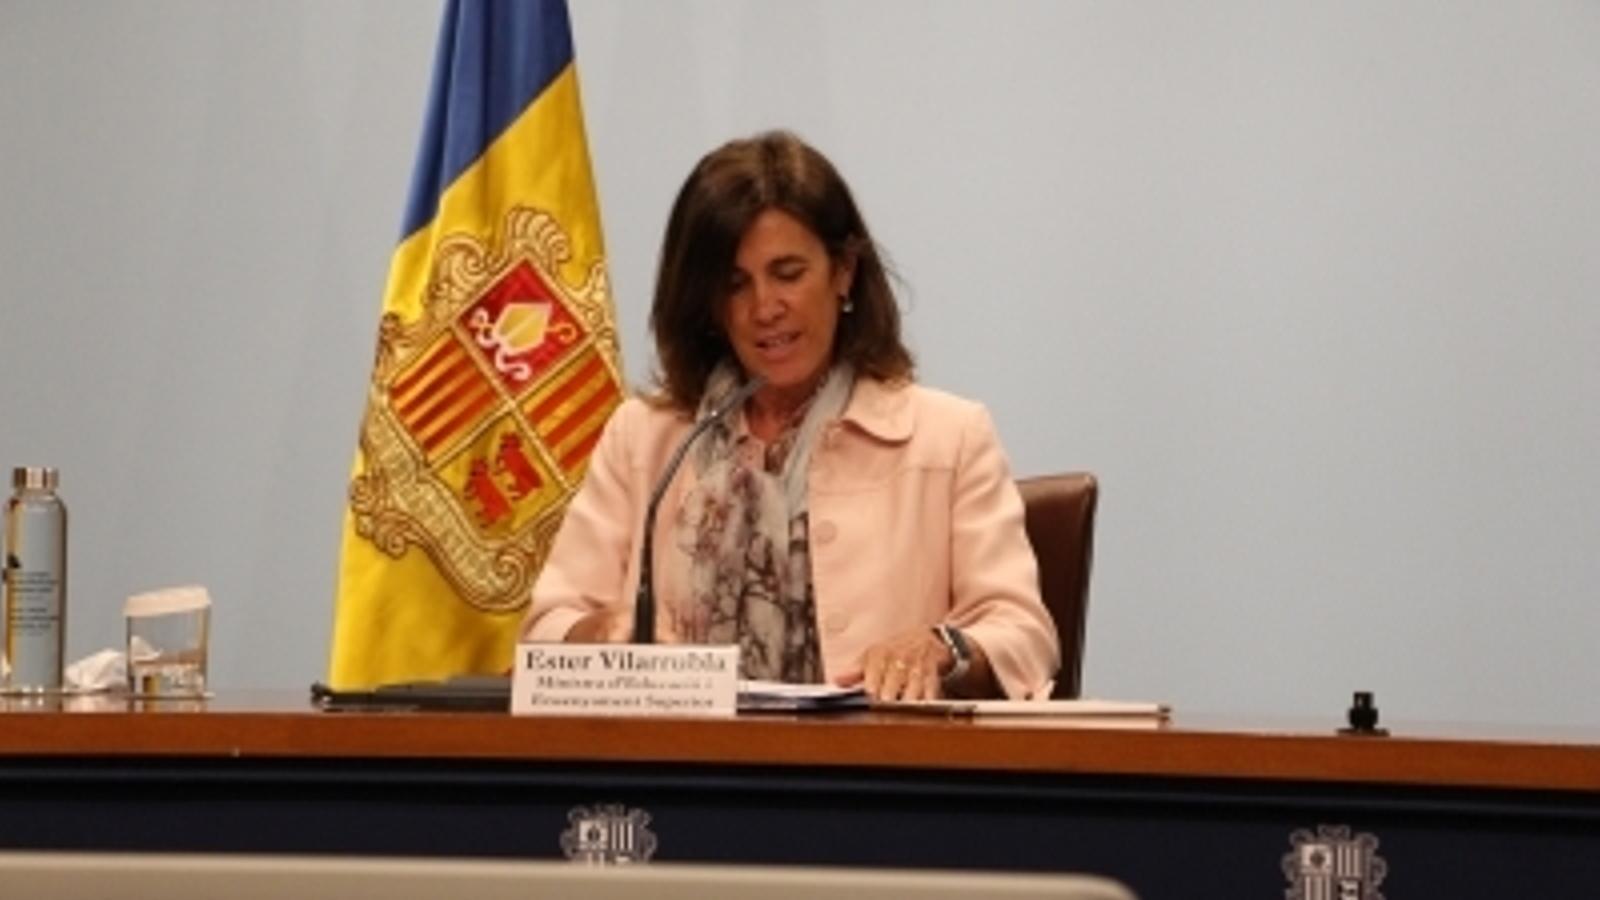 Ester Vilarrubla és ministra d'Educació